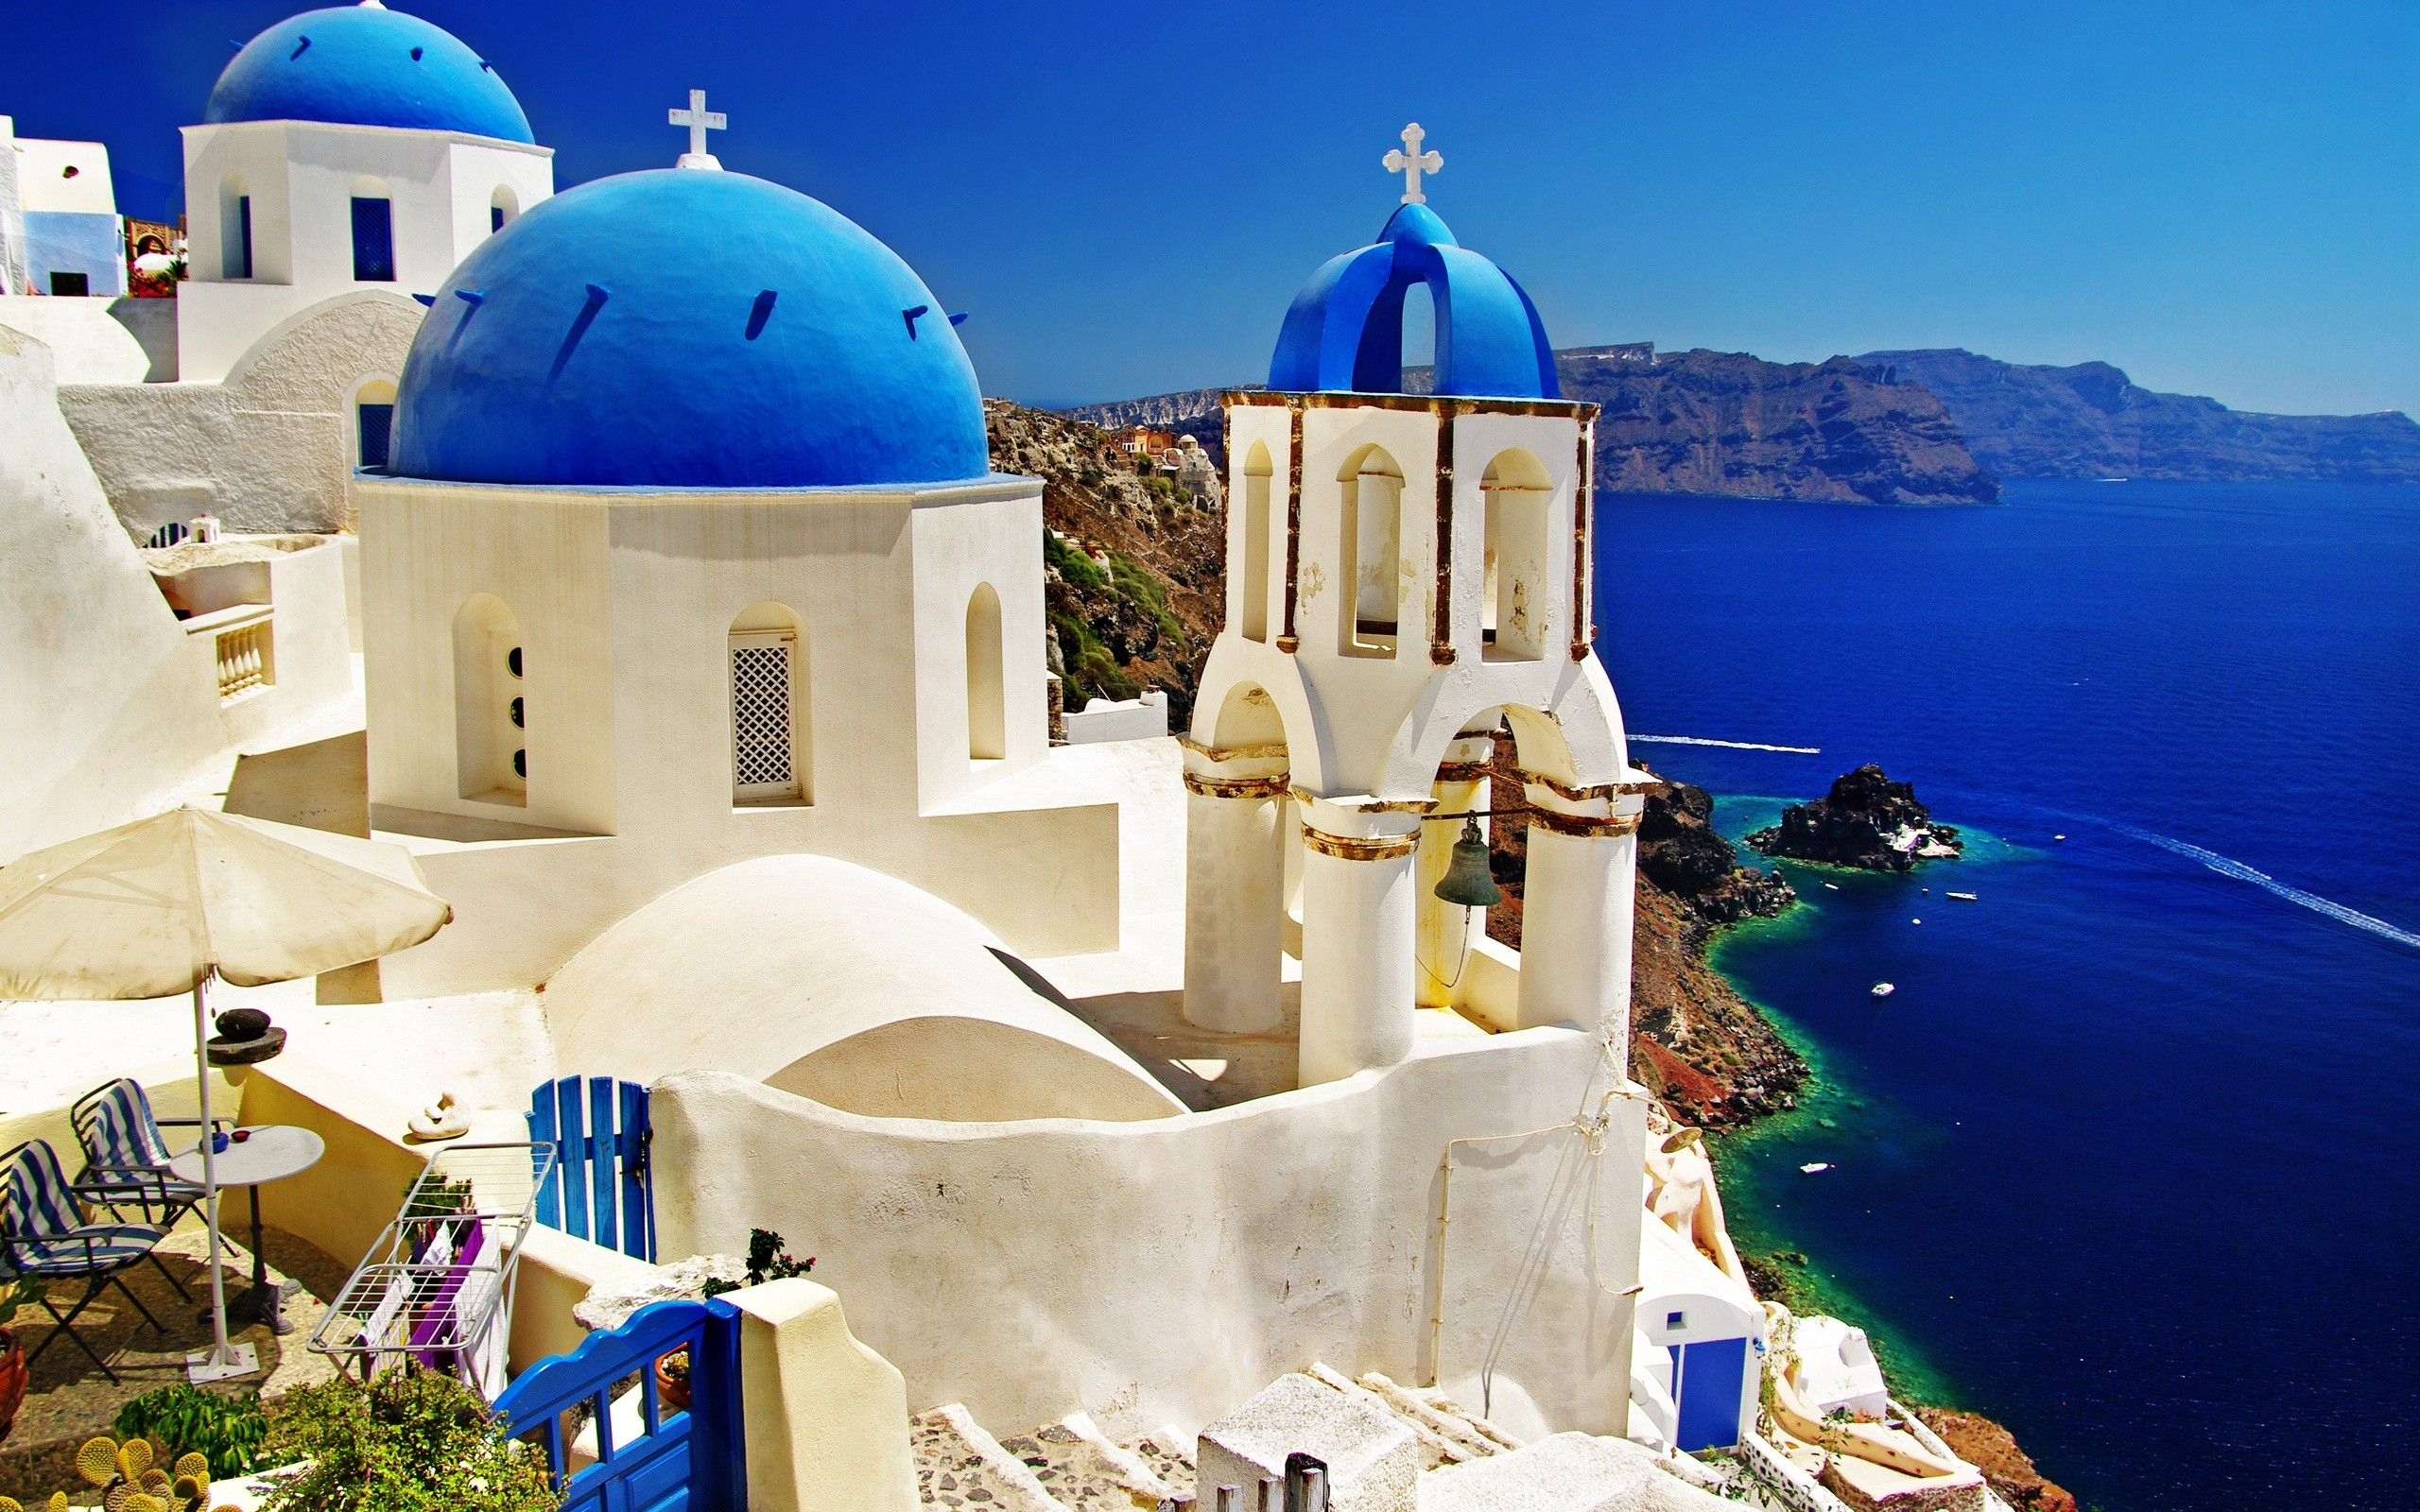 Alquiler de yates en Grecia, Alquiler de barcos en Grecia